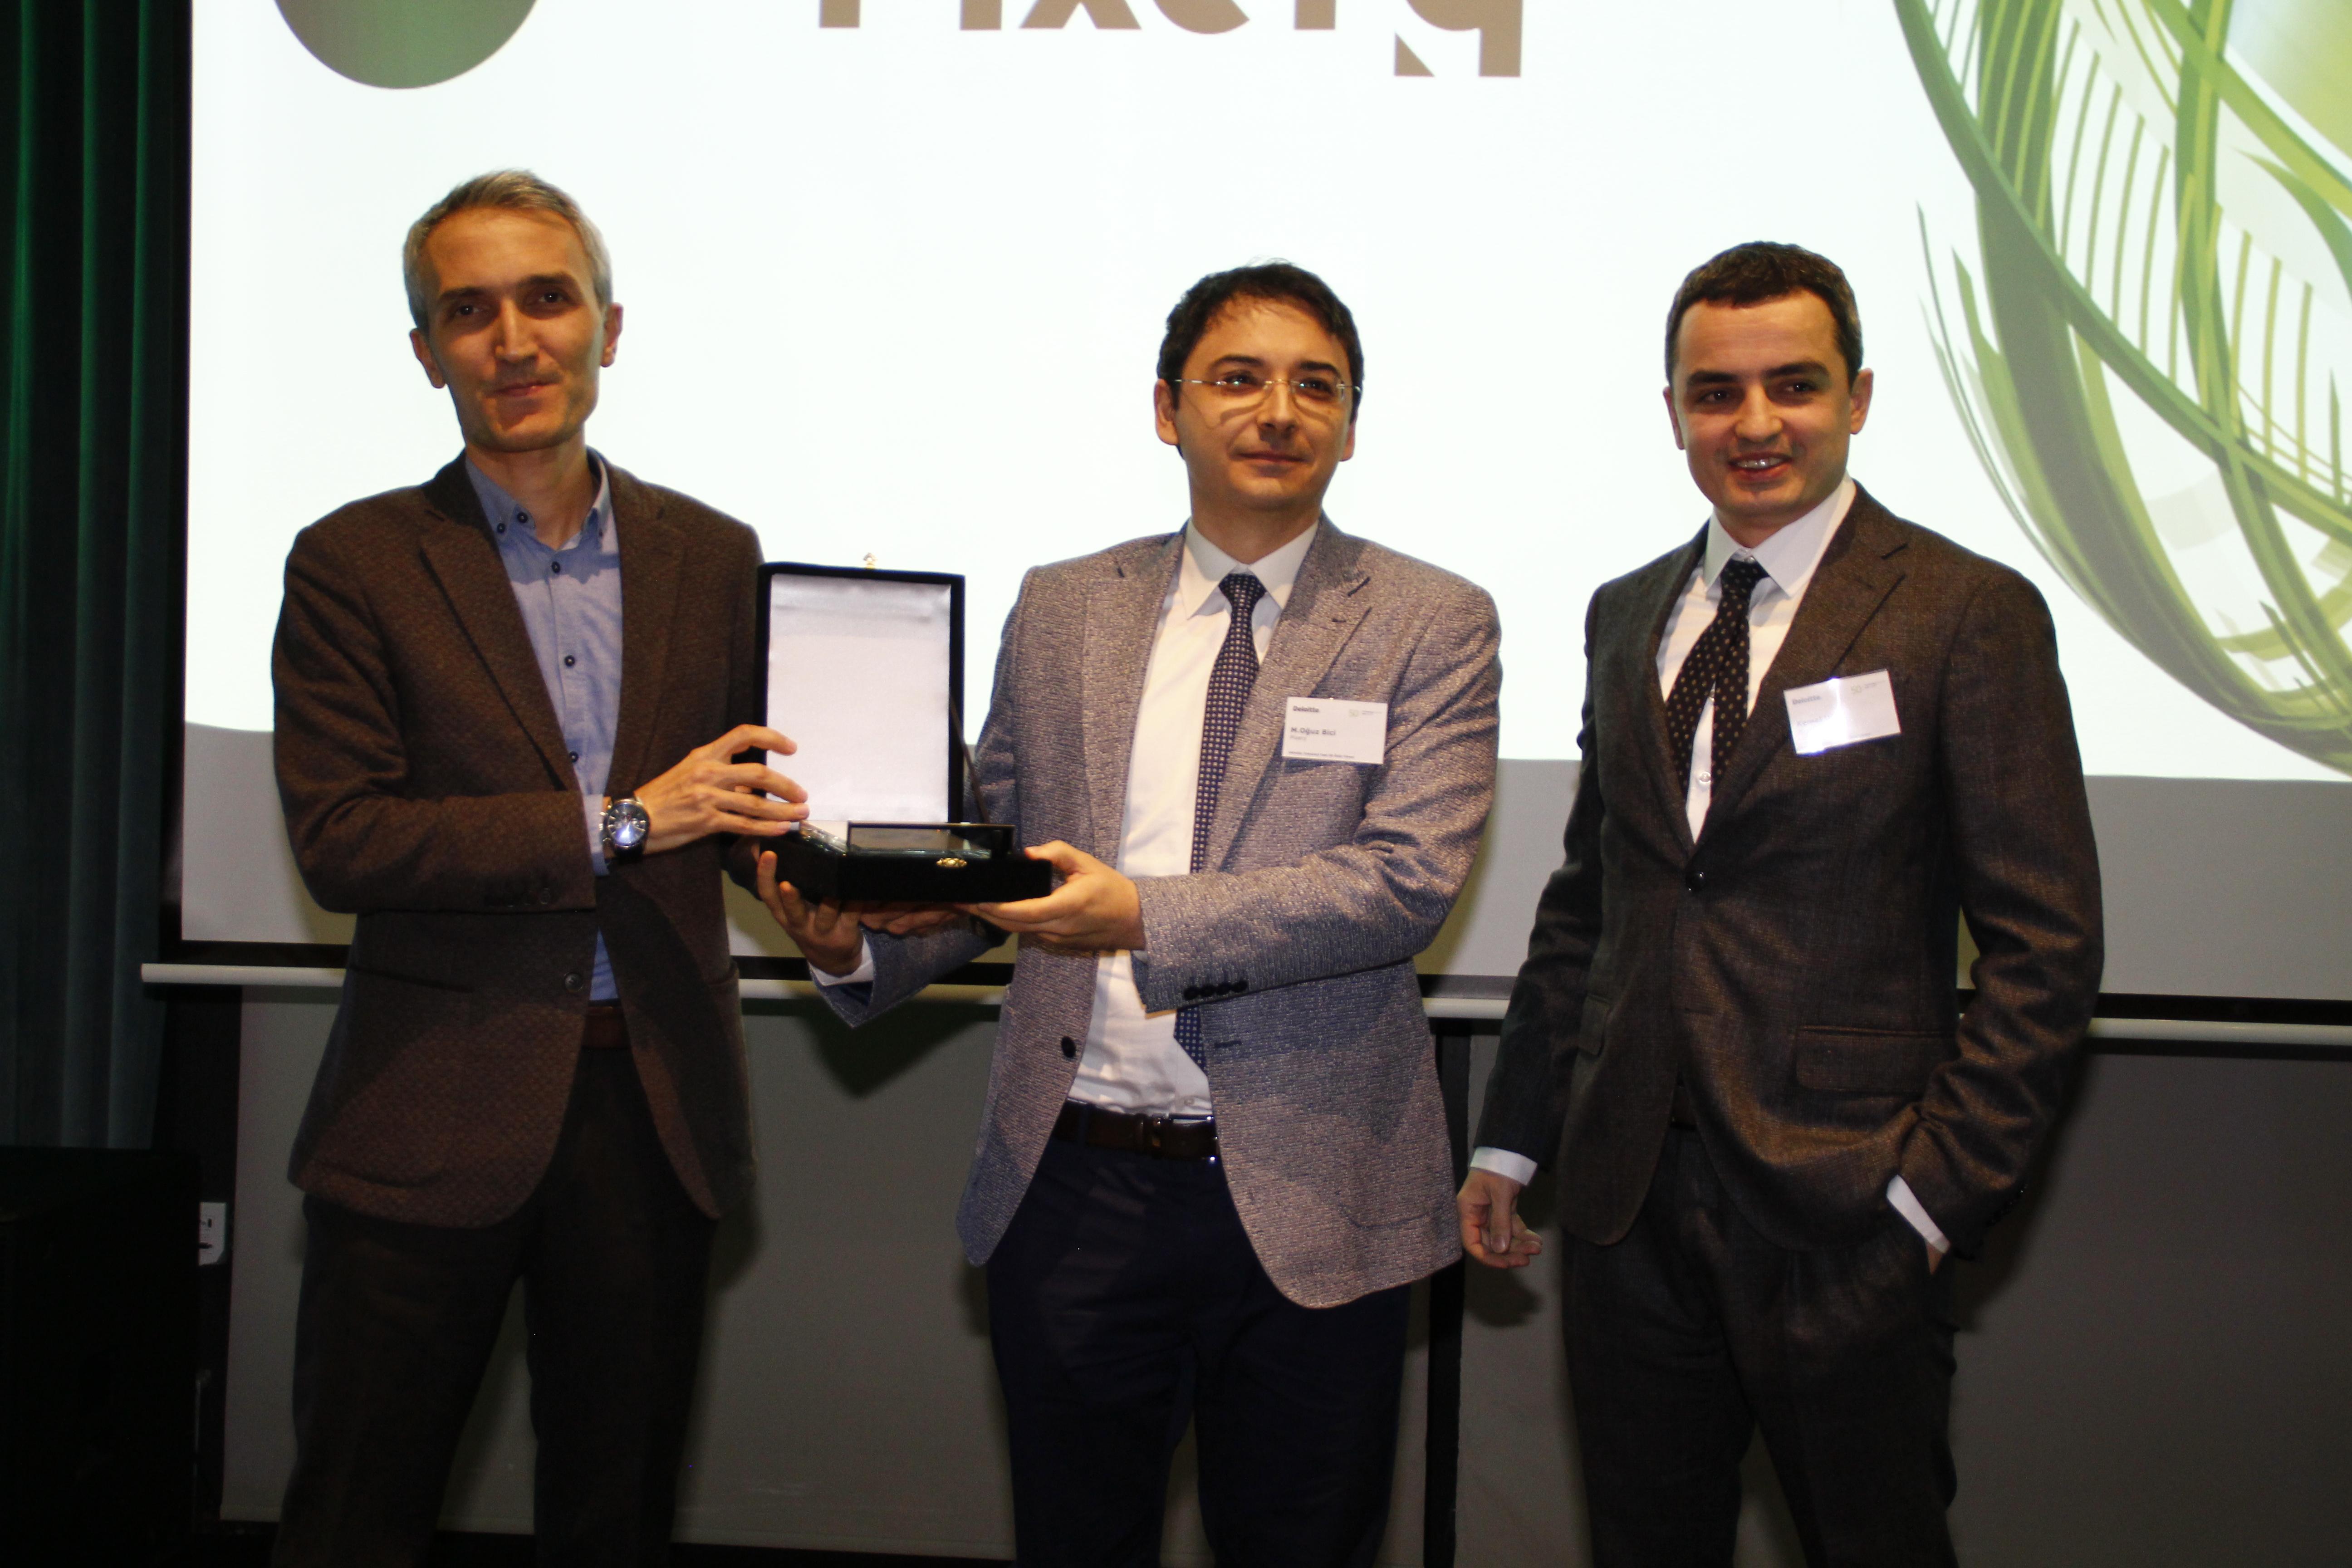 Yaratıcı yeni nesil kitlelere yönelik video temelli uygulamalar geliştiren Pixery, kurulduğu 2014 yılından bu yana, Türkiye'den dünyaya teknoloji ihraç ediyor.